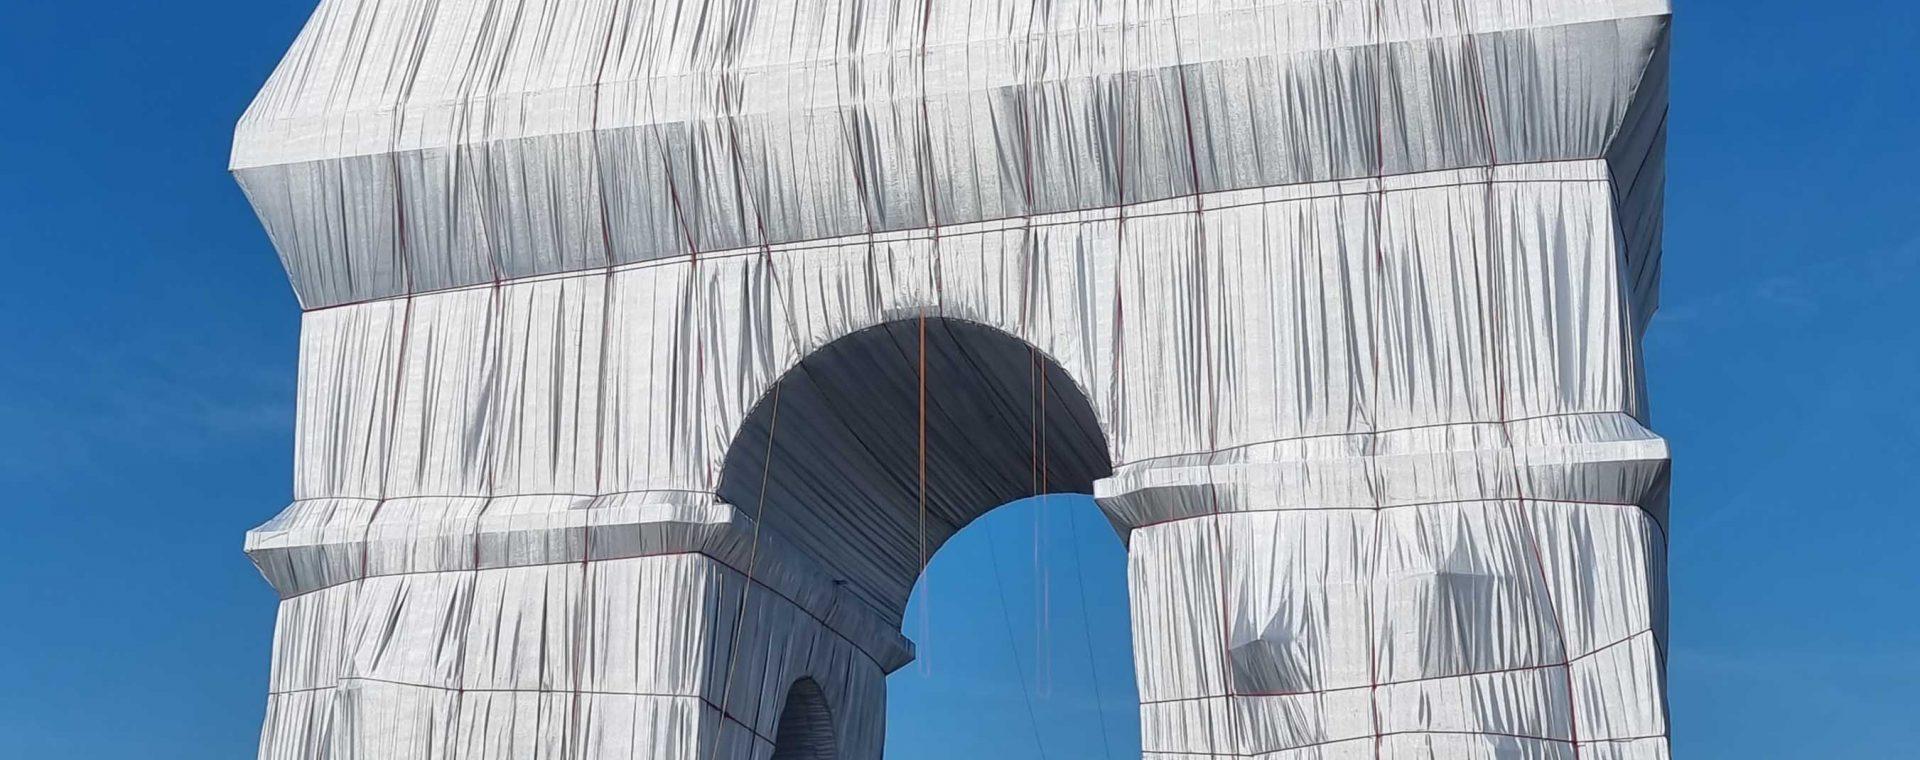 Header / Christos & Jeanne-Claudes Triumphbogen